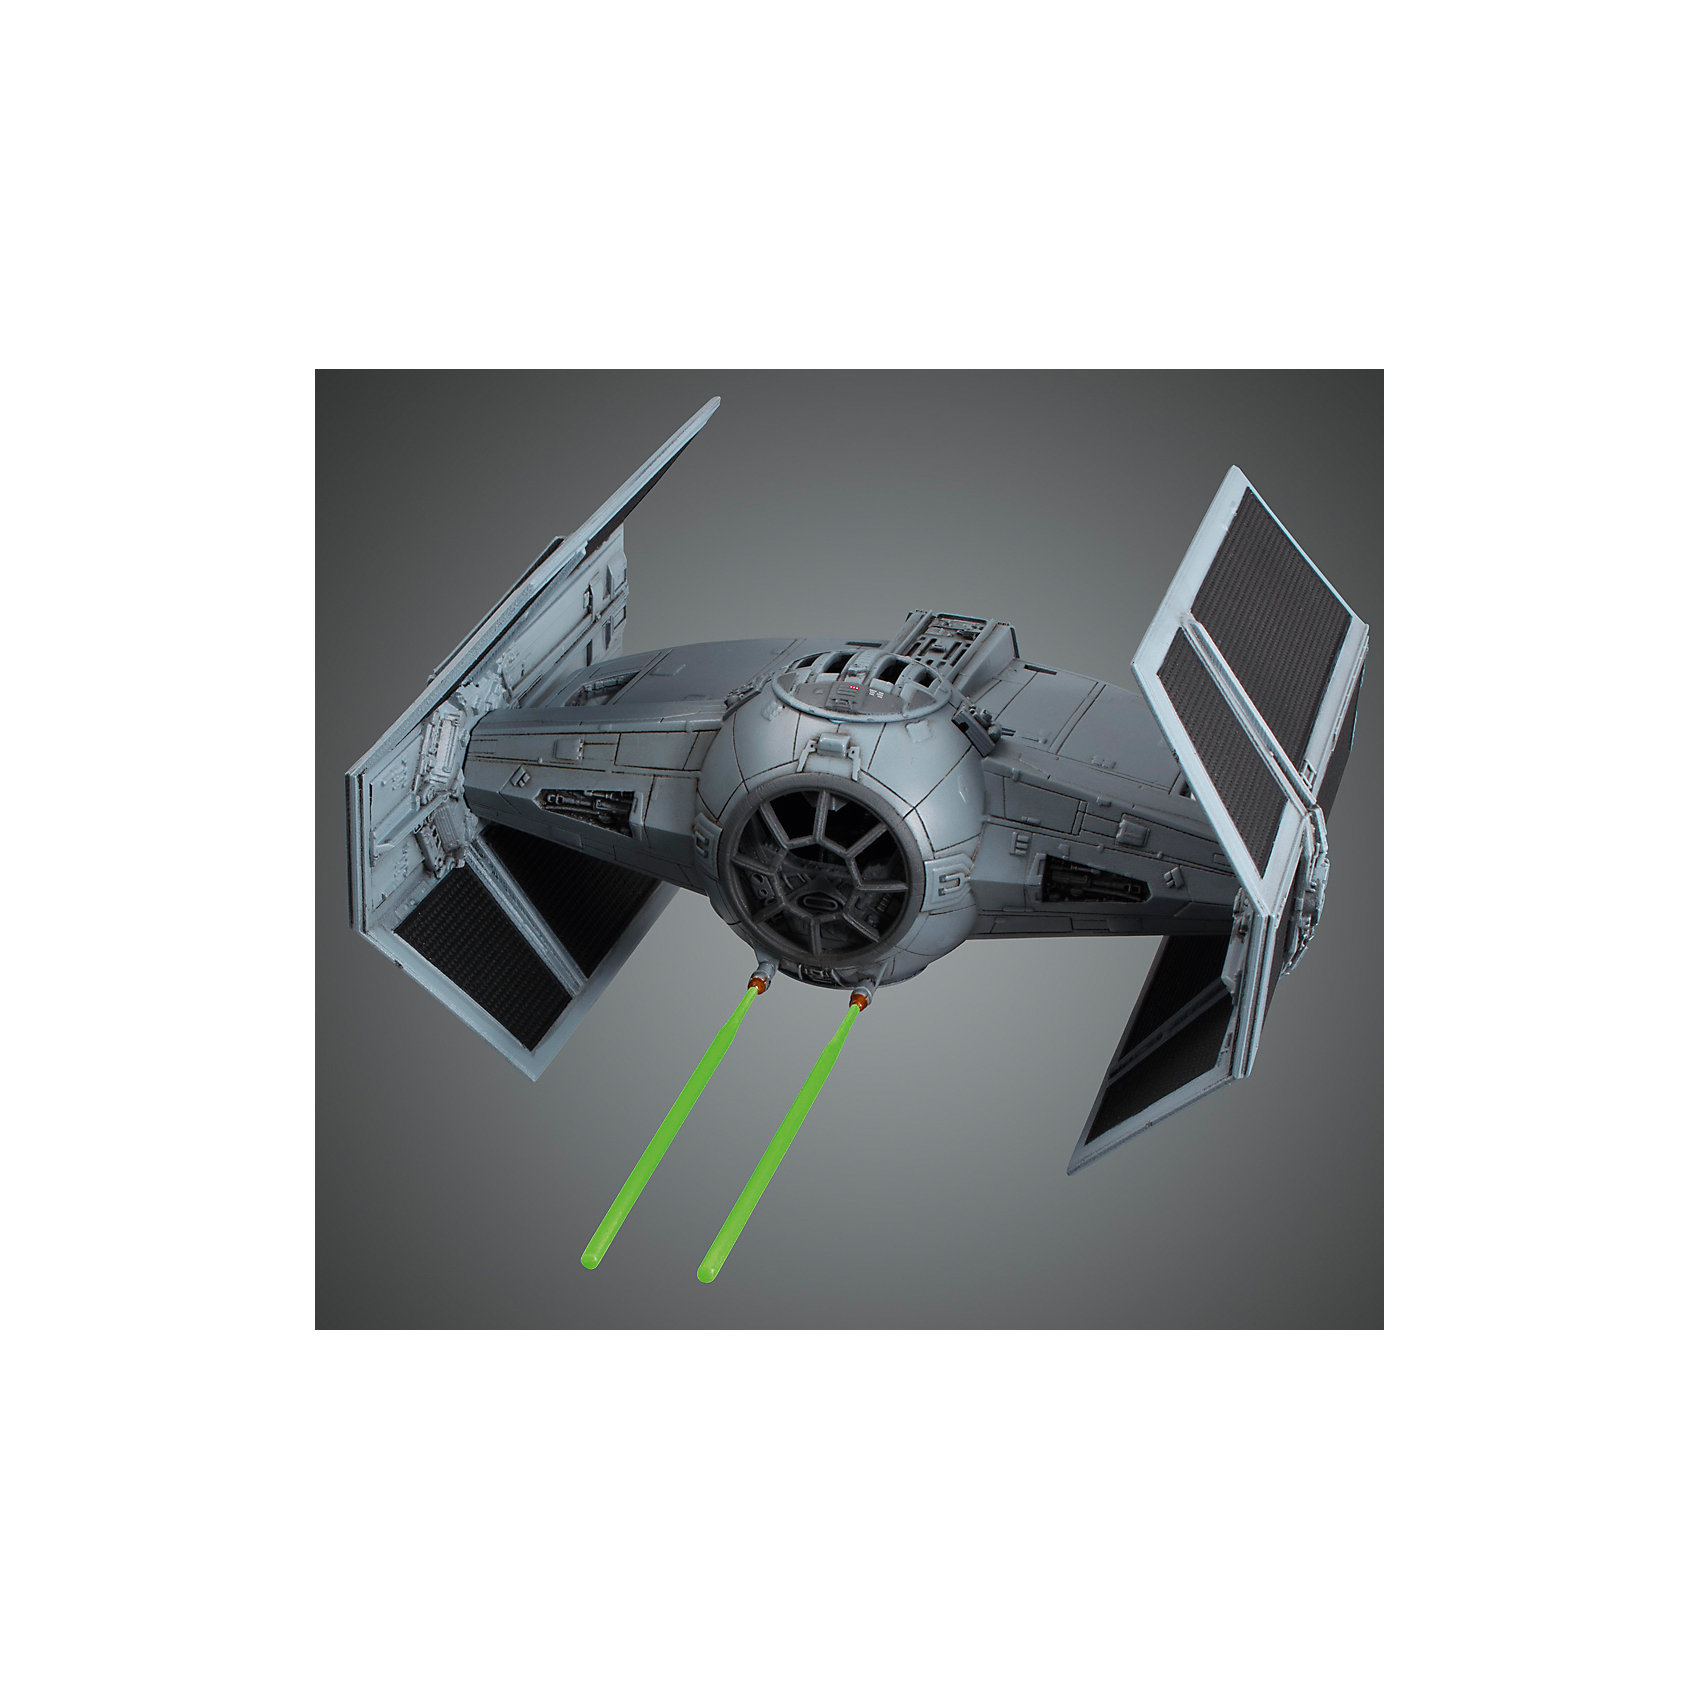 Сборная модель Истребитель TIE Advance1/72, Звездные ВойныЭтот набор приведет в восторг все поклонников легендарной саги Star Wars. В яркой красочной коробке находится комплект деталей для сборки масштабной стендовой модели Усовершенствованного Звёздного Истребителя серии TIE («Twin Ion Engine» - «Сдвоенный Ионный Двигатель»). Детали для сборки изготовлены из качественного пластика и имеют отличную детализацию, вся продукция фирмы Bandai лицензирована фирмами правообладателями, что гарантирует её высокое качество. <br>Конструирование - интереснейший процесс, позволяющий развить у ребенка мелкую моторику, логическое мышление, внимание, умение работать по инструкции.<br><br>Дополнительная информация:<br><br>- Масштаб: 1:72 см.<br>- Материал: пластик.<br>- Размер упаковки: 30х20 см.<br>- Основное оружие - лазерные пушки.<br>- Два варианта фигурки Дарт Вейдера (сидящую и в полный рост).<br>- Два варианта фонаря кабины пилота (прозрачную и матовую). <br><br>Сборную модель Истребитель TIE Advance1/72, Звездные Войны (Star Wars) можно купить в нашем магазине.<br><br>Ширина мм: 300<br>Глубина мм: 190<br>Высота мм: 55<br>Вес г: 295<br>Возраст от месяцев: 72<br>Возраст до месяцев: 192<br>Пол: Мужской<br>Возраст: Детский<br>SKU: 4422656